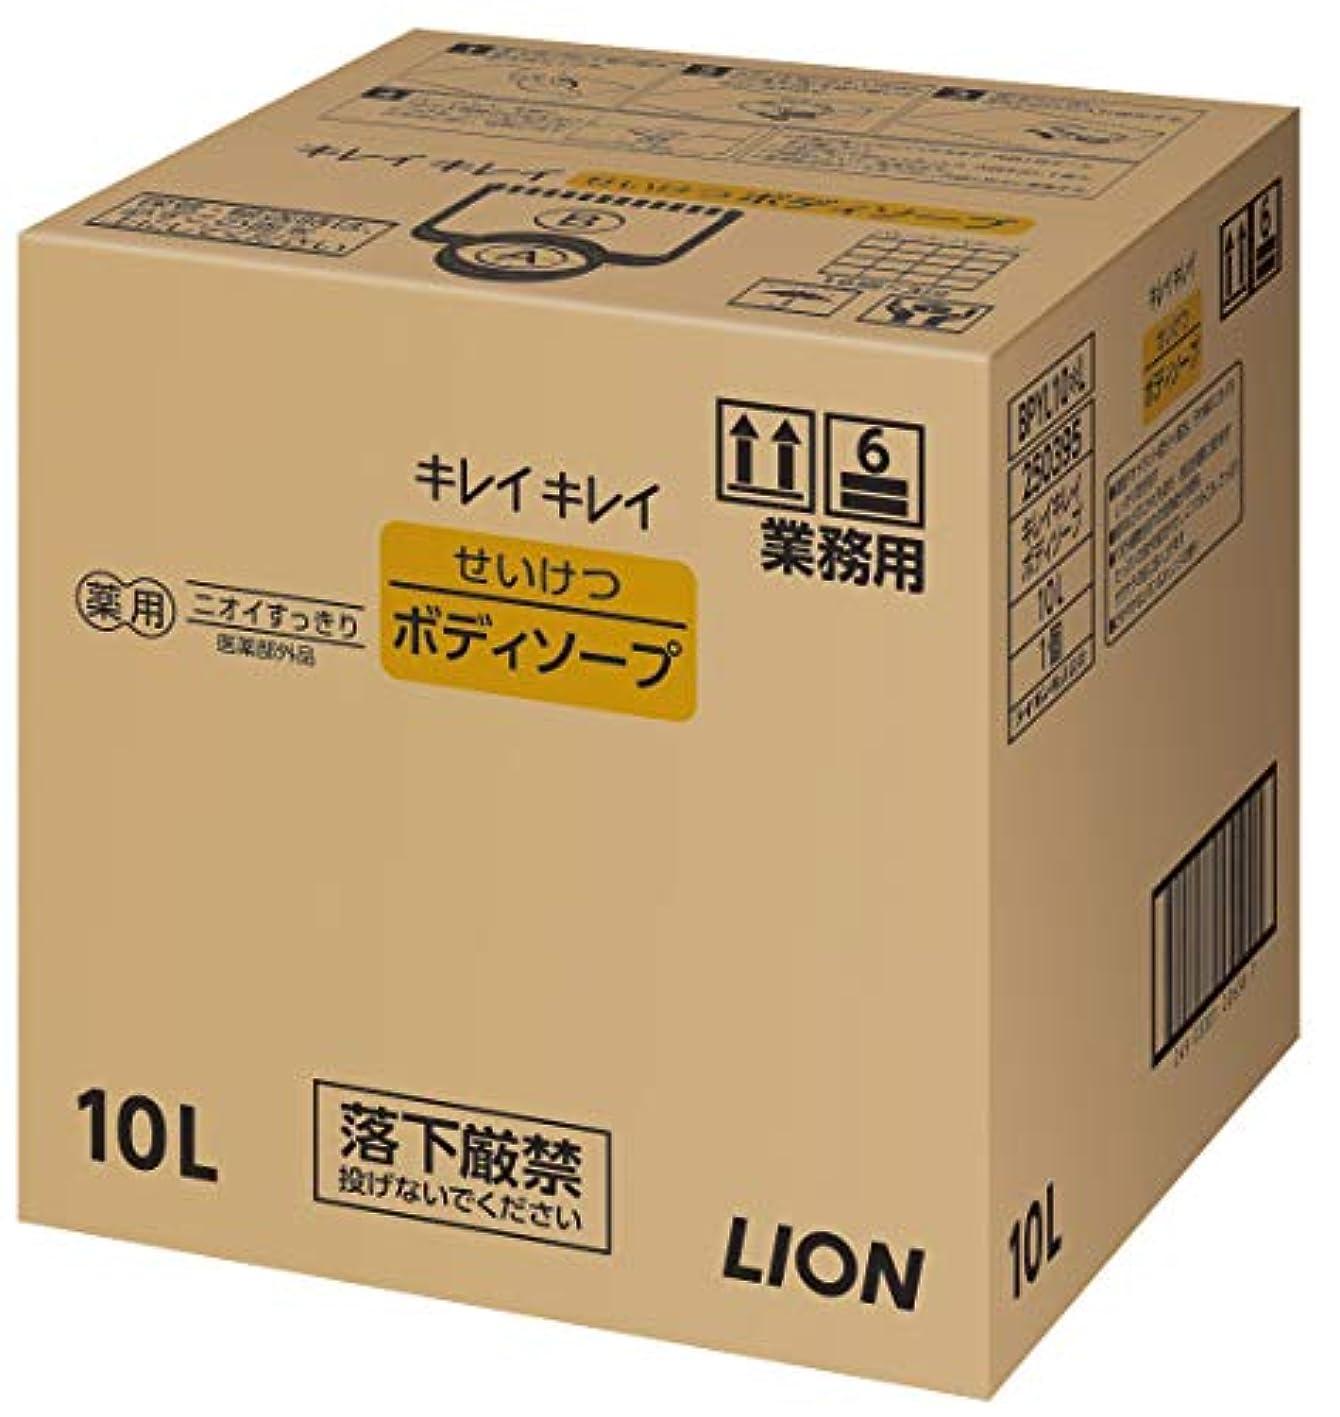 ありふれた女優曇ったキレイキレイ せいけつボディソープ さわやかなレモン&オレンジの香り 業務用 10L